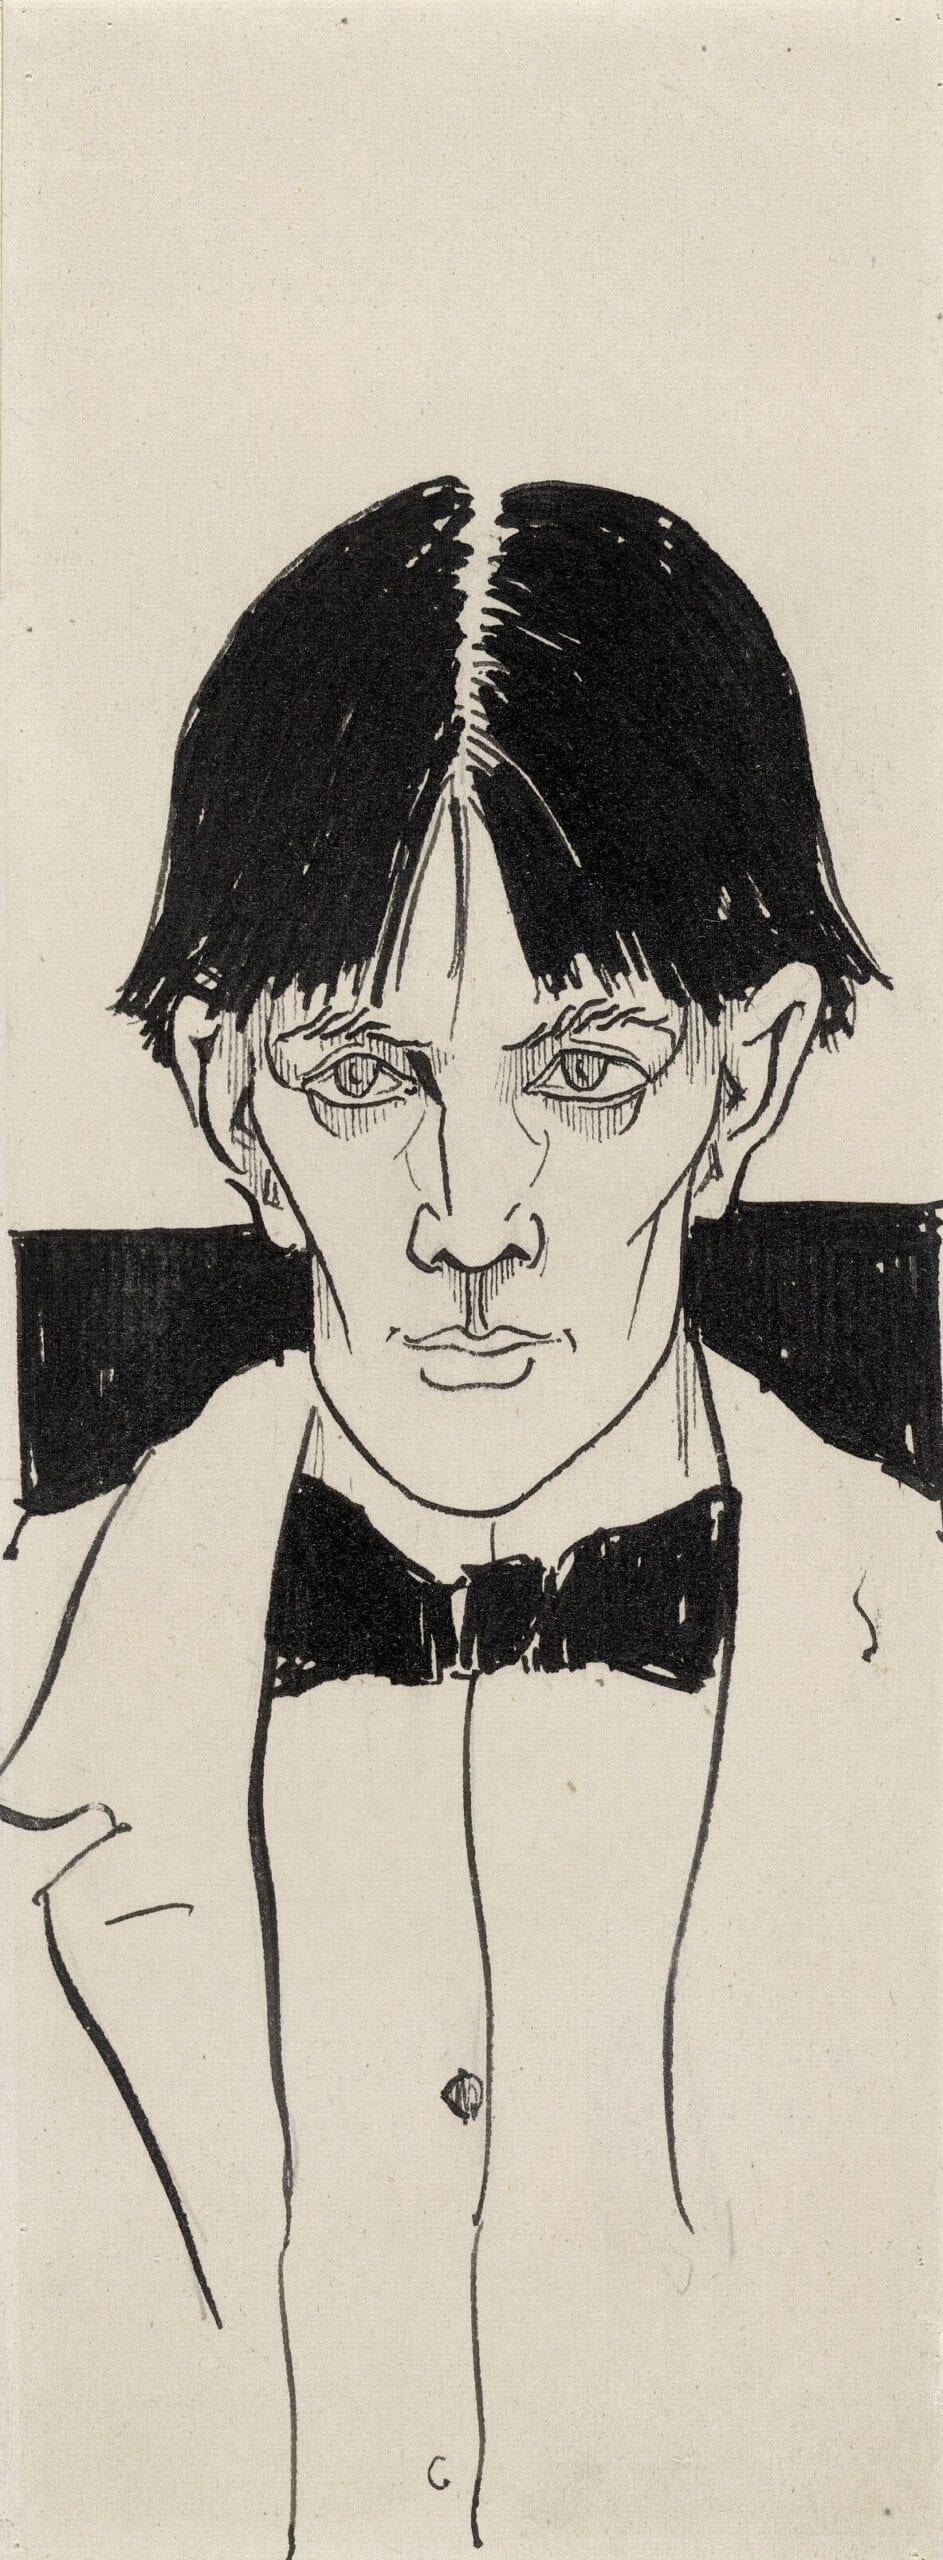 В Британской галерее Тейт открывается выставка Обри Бердслея